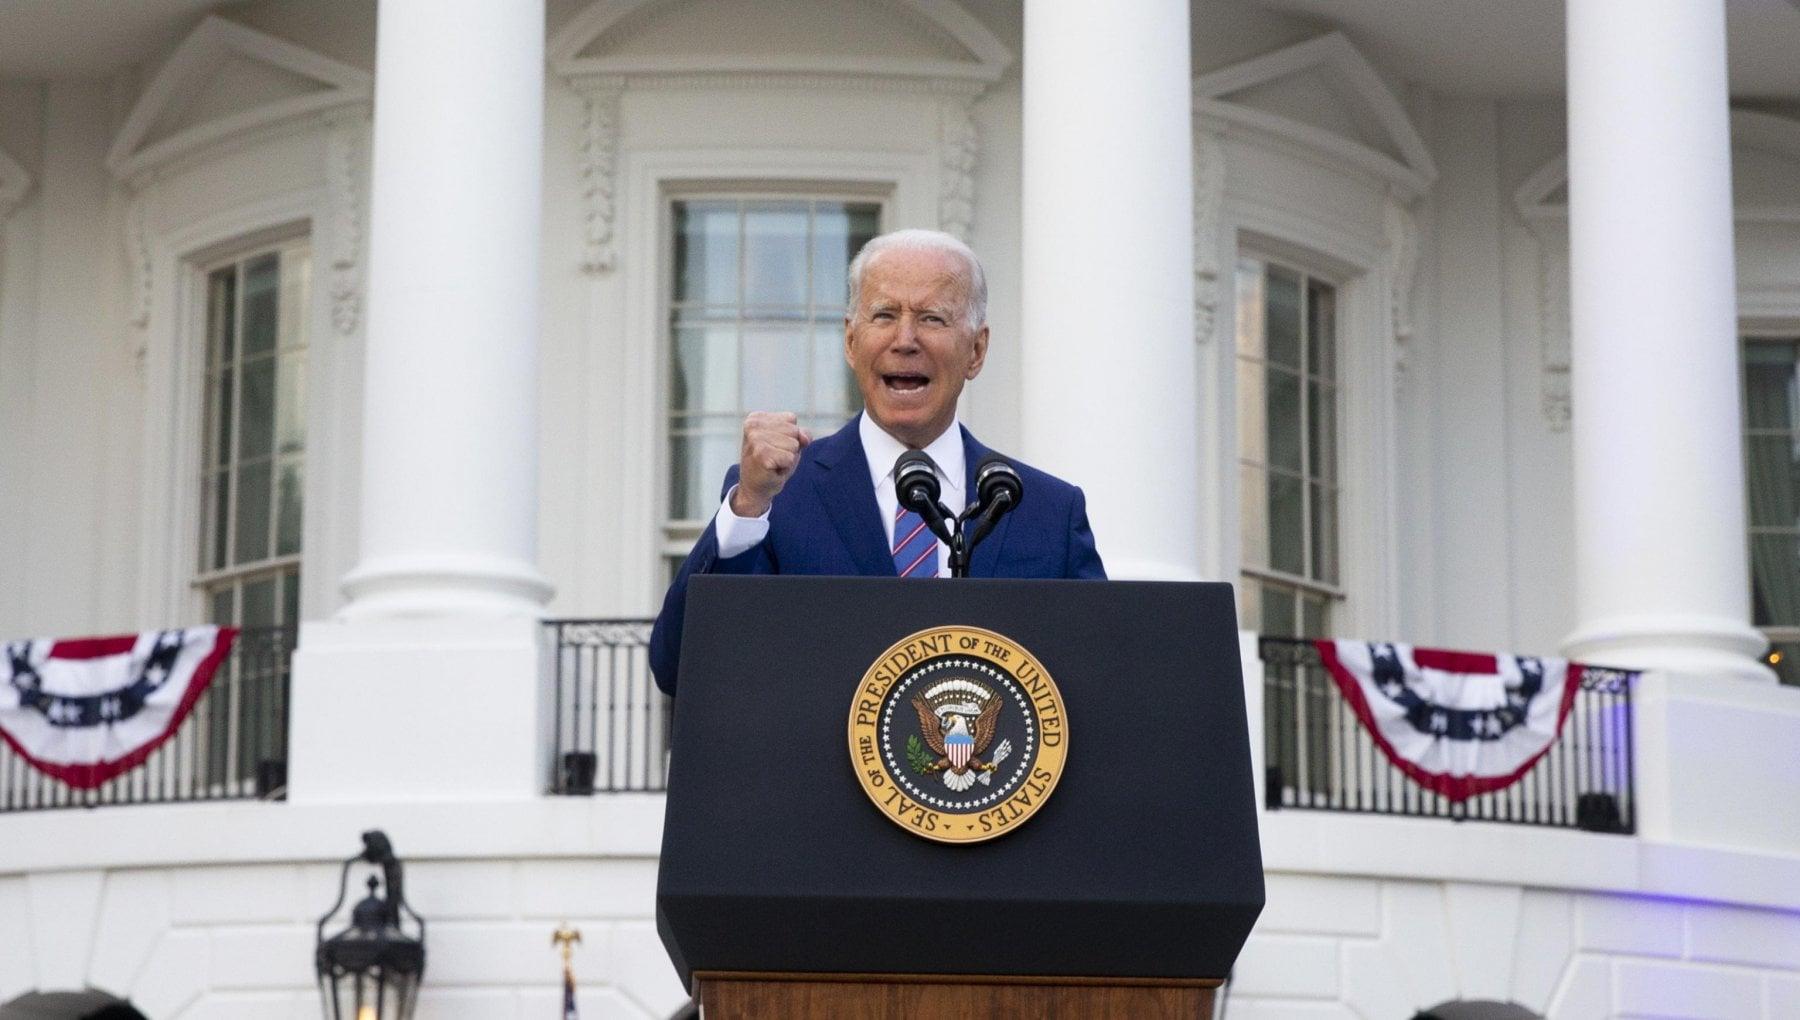 """030222928 e6d1279e c846 4333 8ee5 9ab8fcbdf859 - Biden: """"Usa vicini all'indipendenza dal Covid, ma non è stato ancora sconfitto"""""""